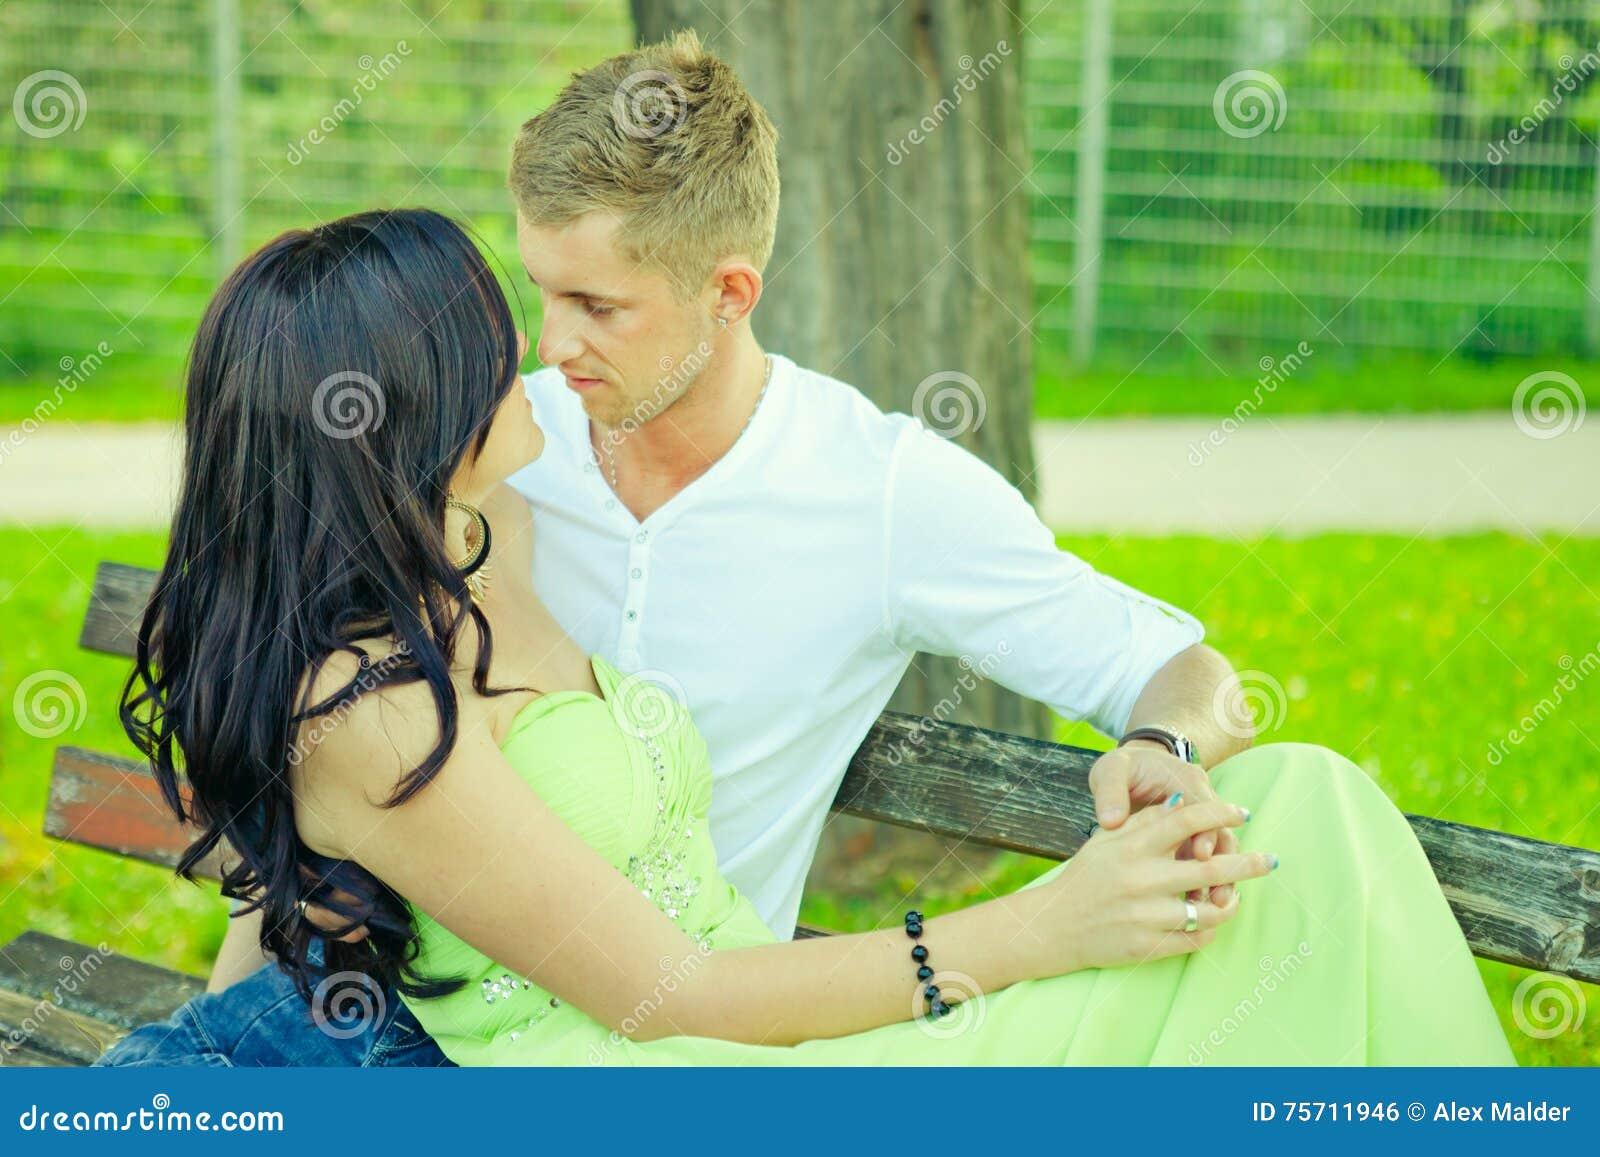 Attraktiv sitzen der Kerl mit dem Mädchen und umfassen auf einer Bank